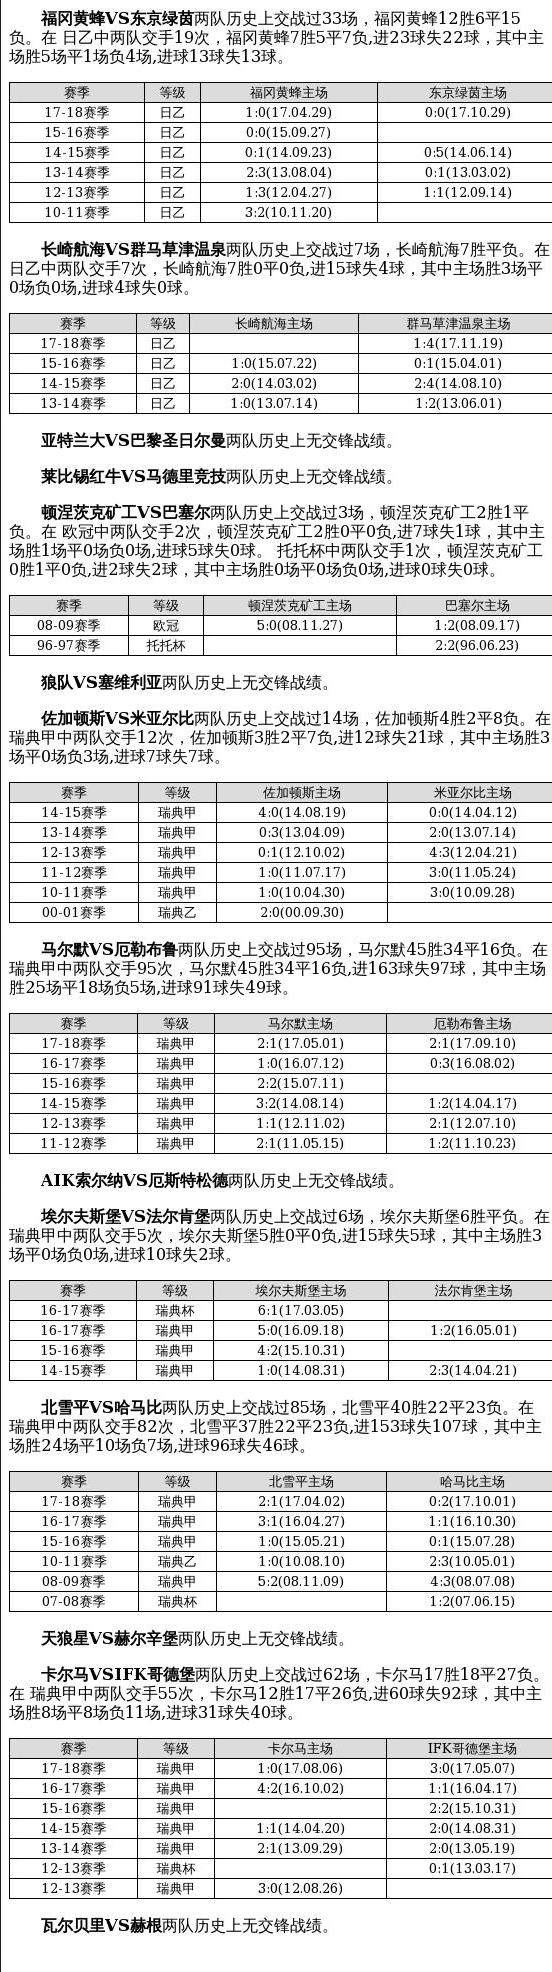 中国足球彩票20022期胜负游戏14场交战记录